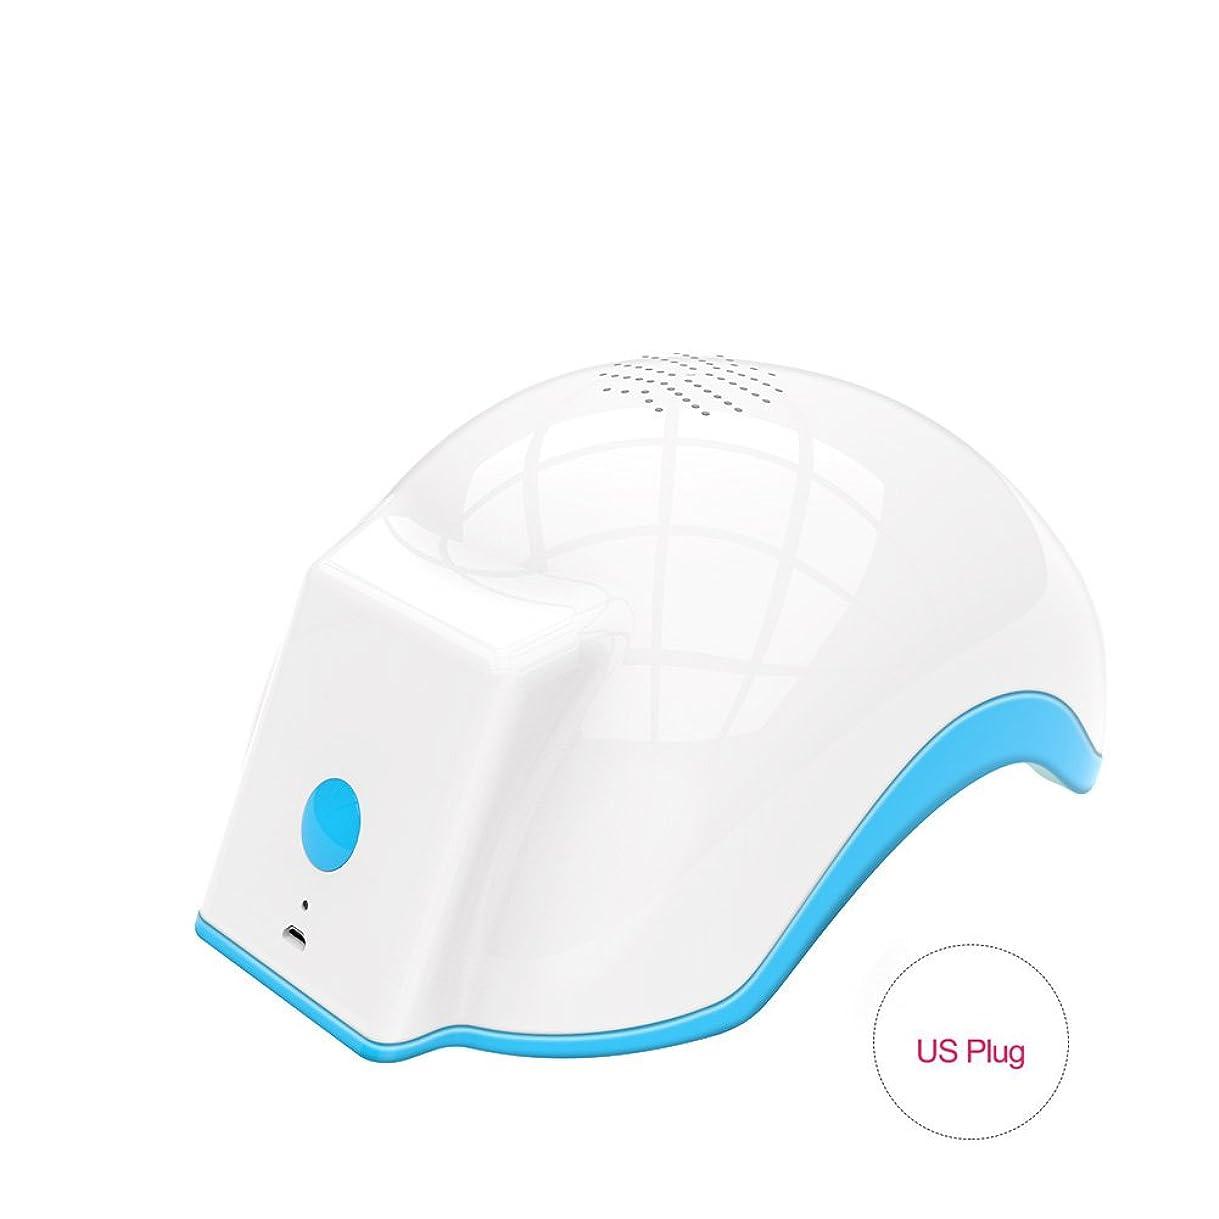 演じる根絶する迫害育毛ヘルメット、100-240v脱毛脱毛脱毛症キャップは、発毛を促進し、逆間伐、高密度再生(US Plug)